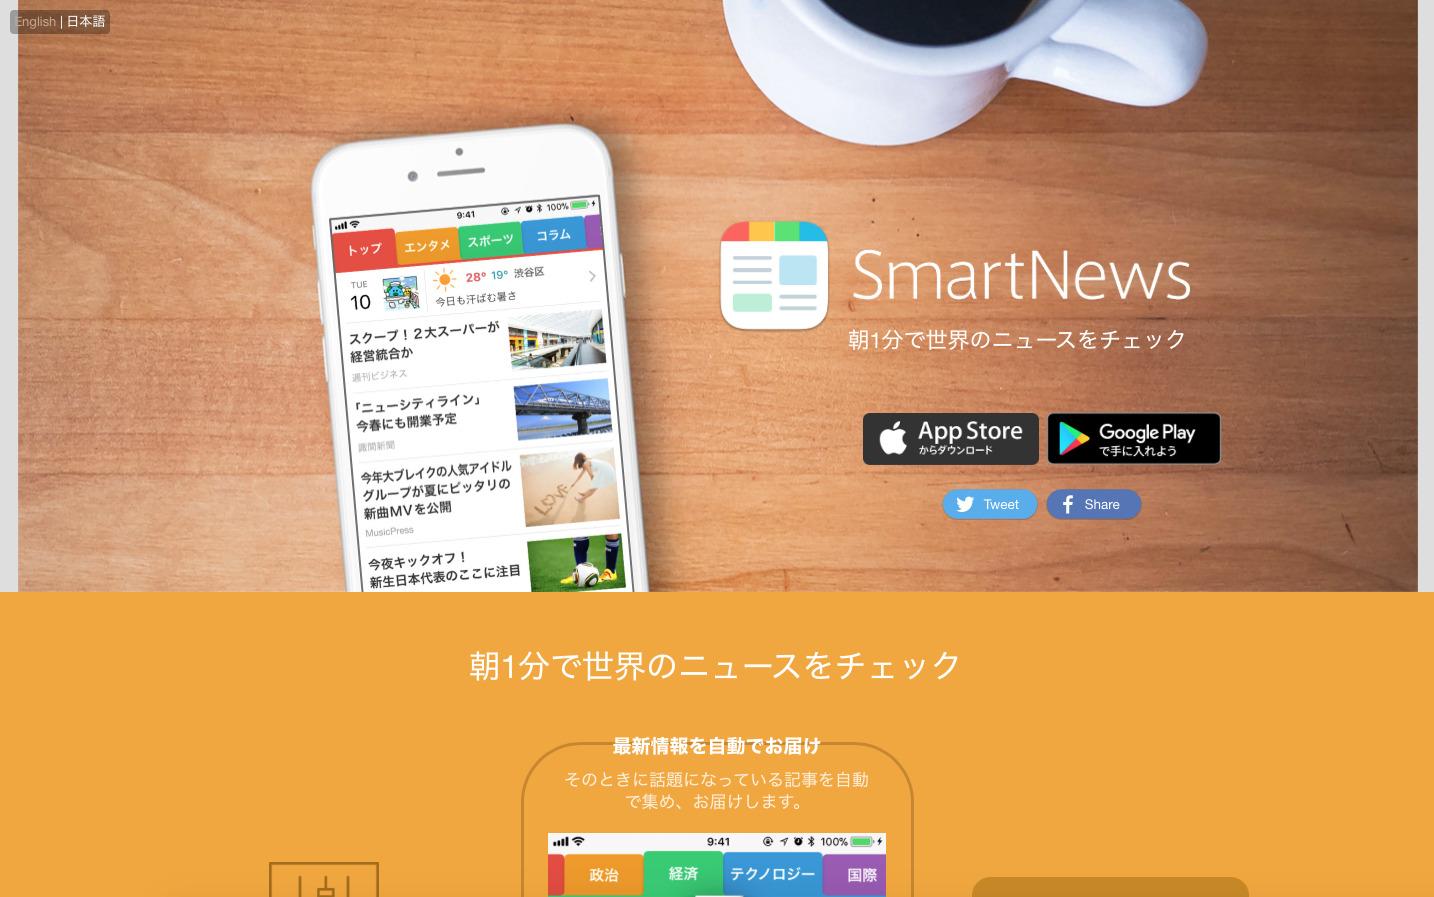 【スマートニュース】完全無料で気になるニュースがすぐに読める最強アプリ